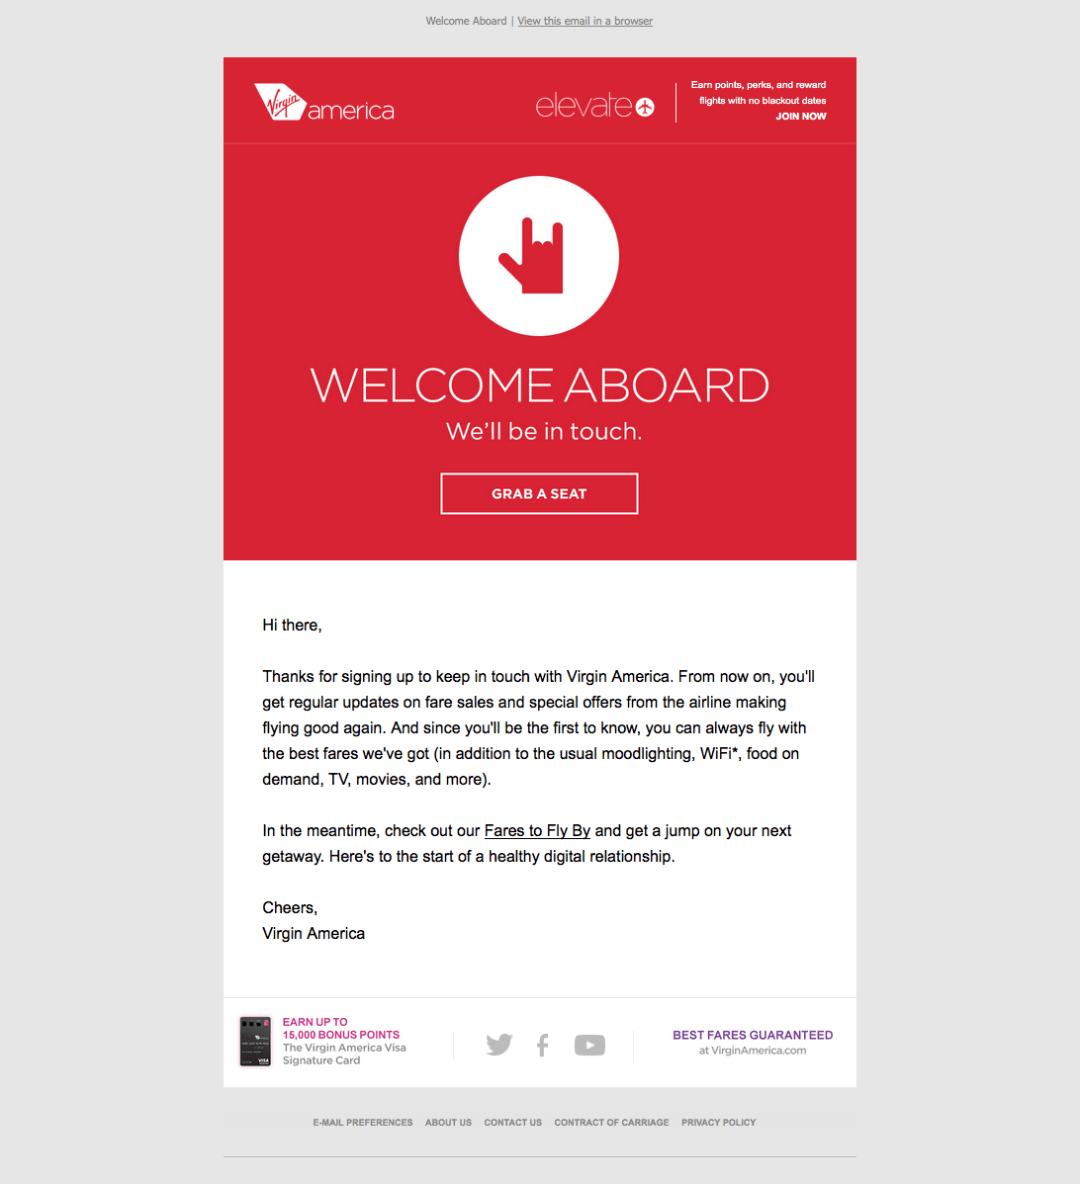 Correo electrónico de bienvenida de Virgin America con un CTA rojo para comenzar